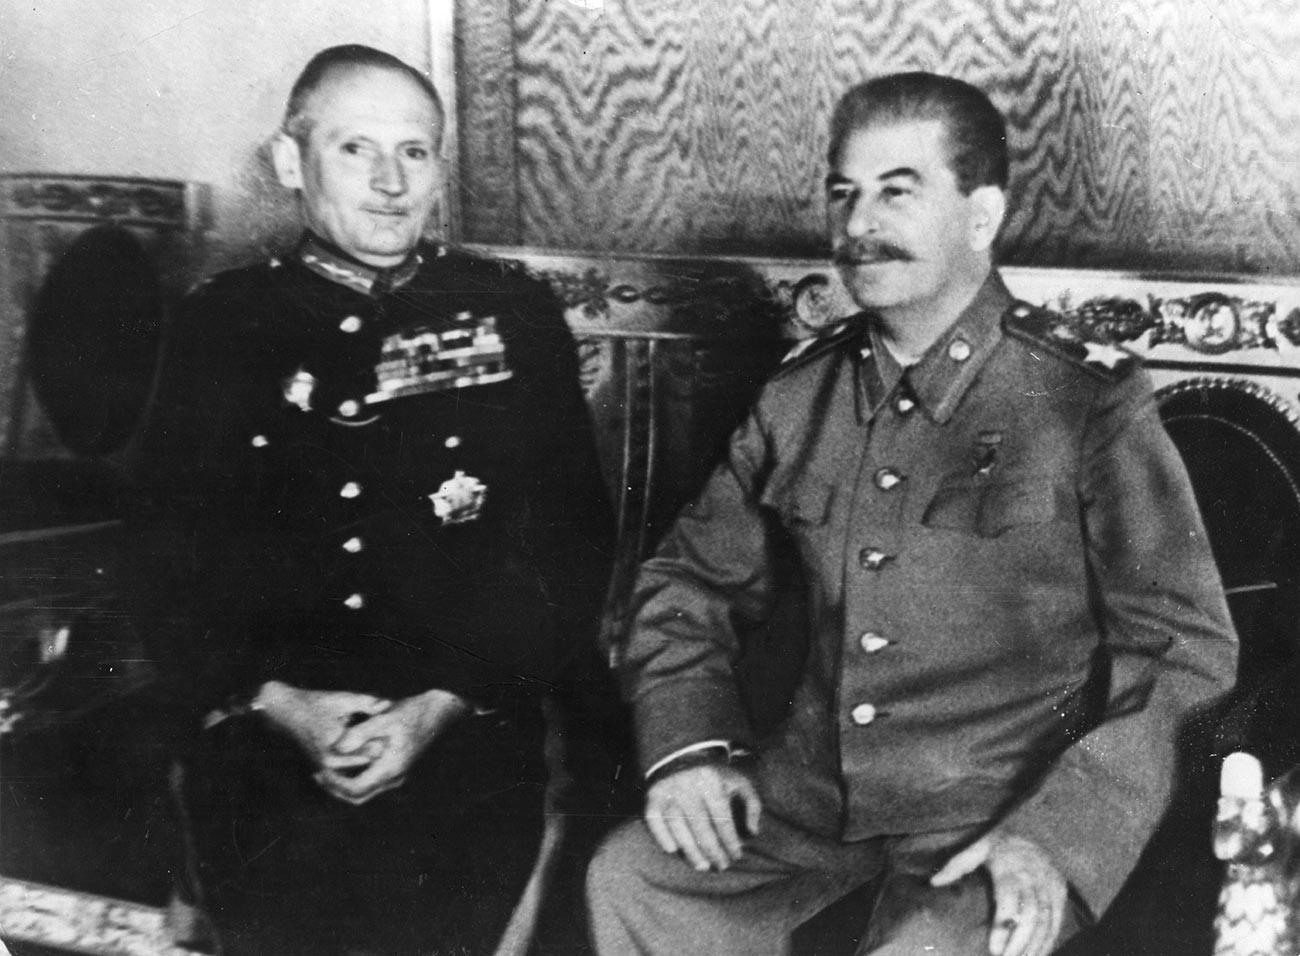 イギリスのバーナード・モントゴメリー元帥とヨシフ・スターリン